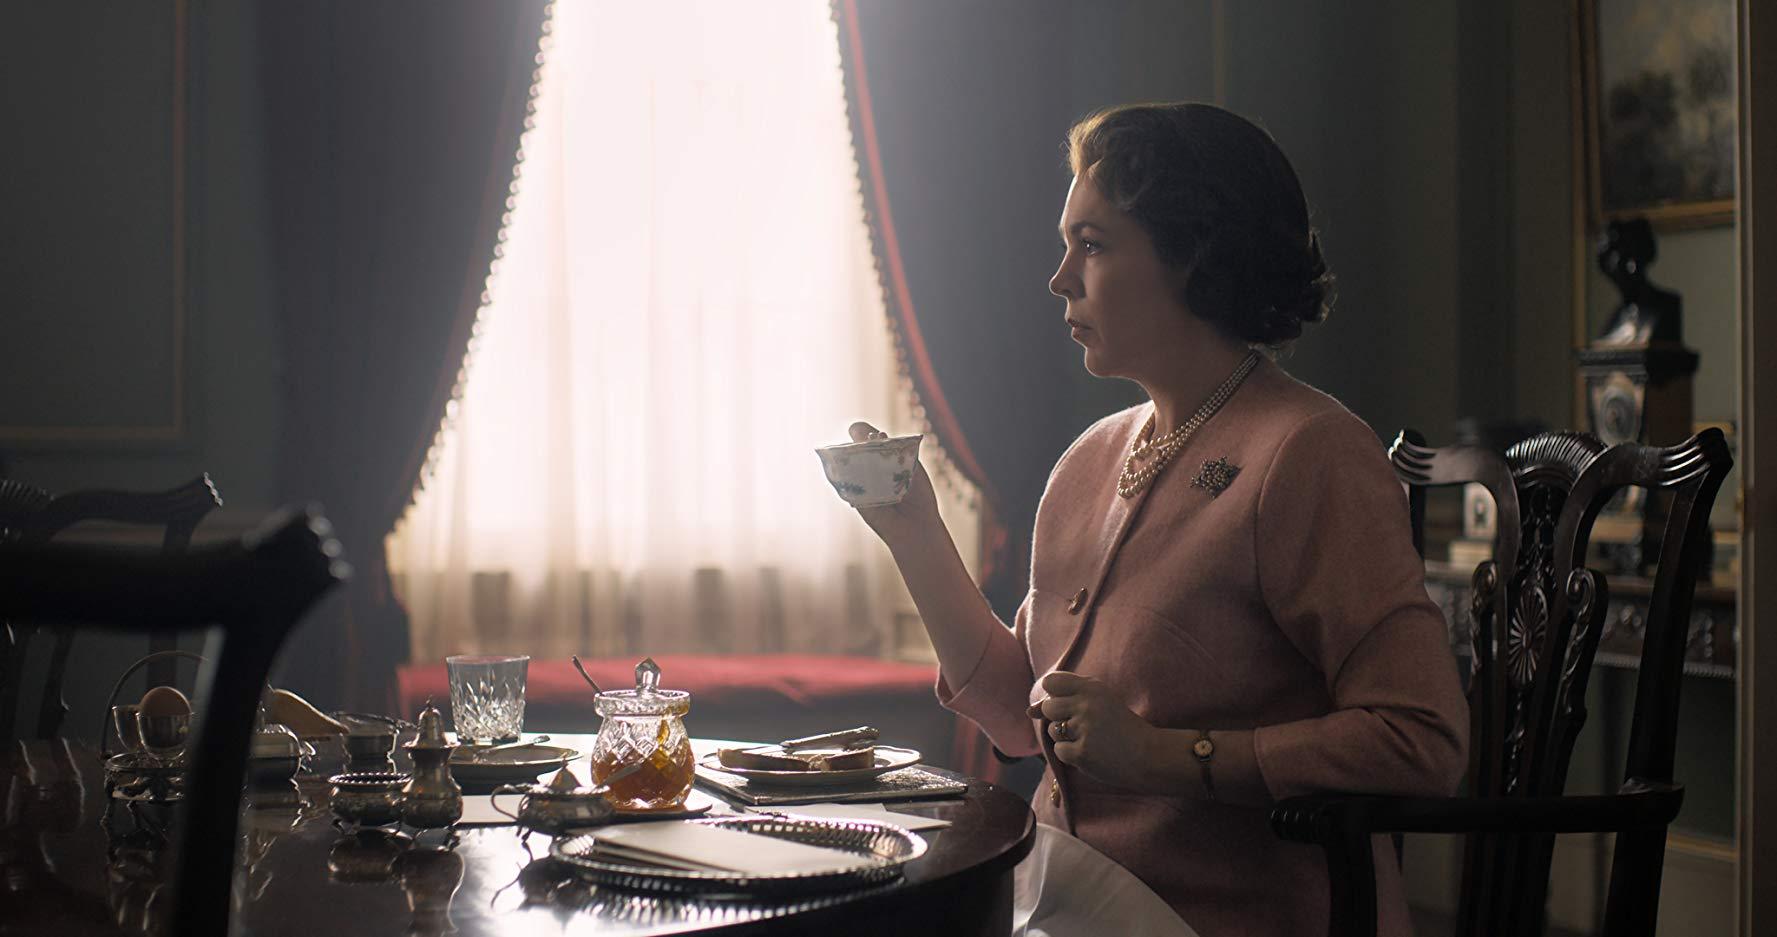 الیویا کلمن در فصل سوم سریال تاج